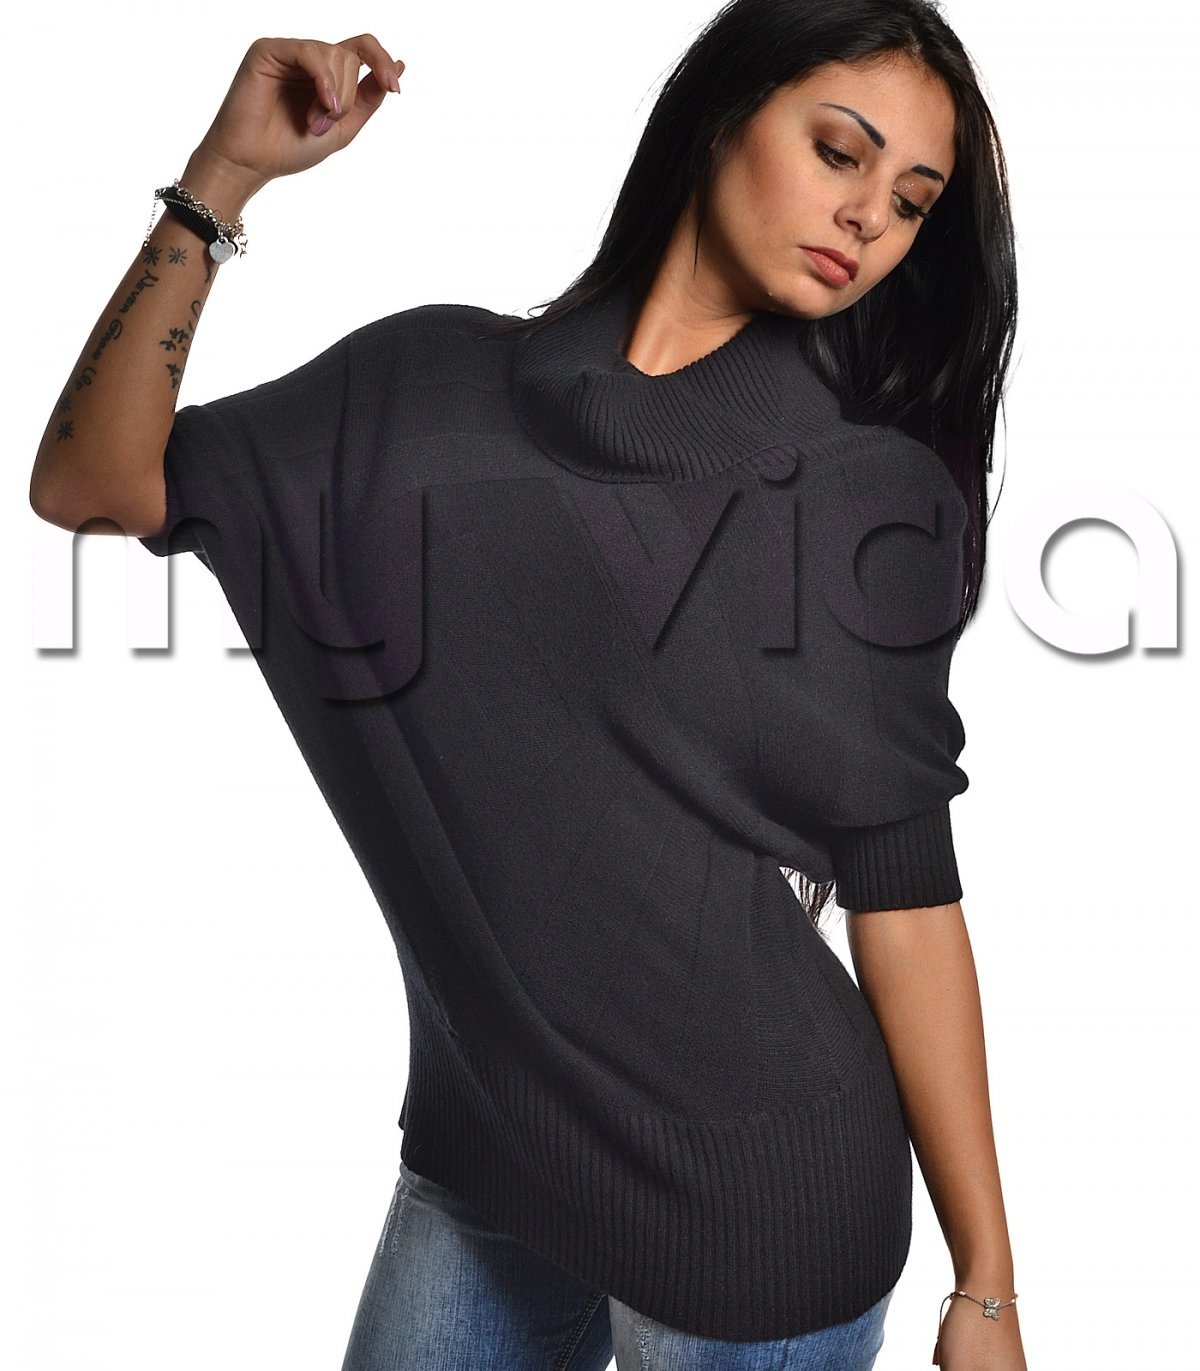 finest selection 0bb5c 54c06 Pullover maglione donna collo alto misto cashmere | My Vida